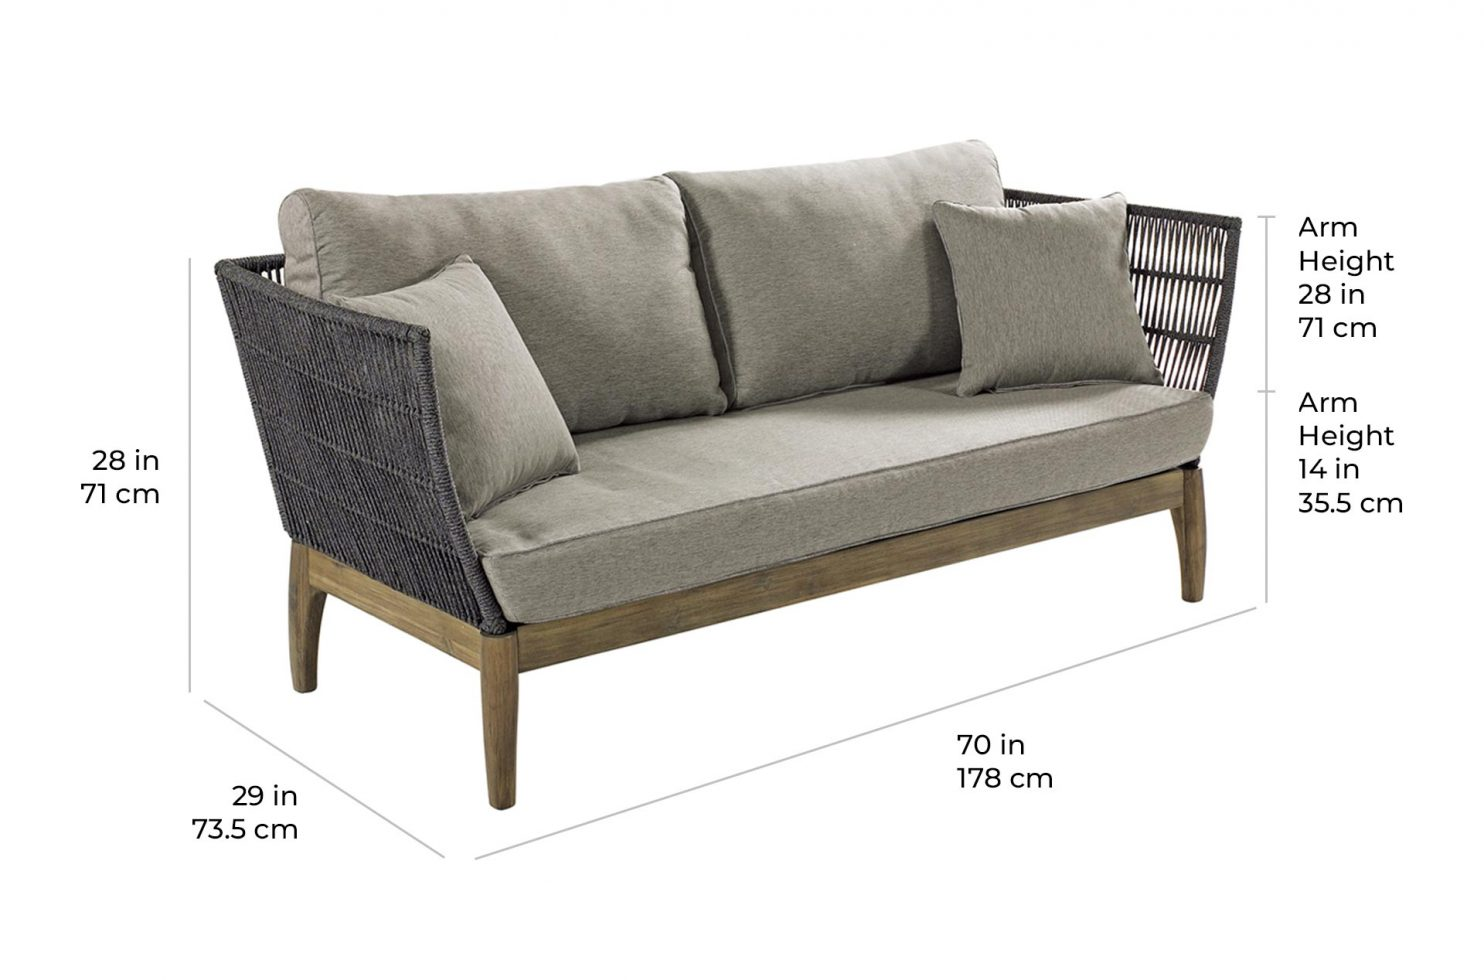 wings sofa E50499002 scale dims